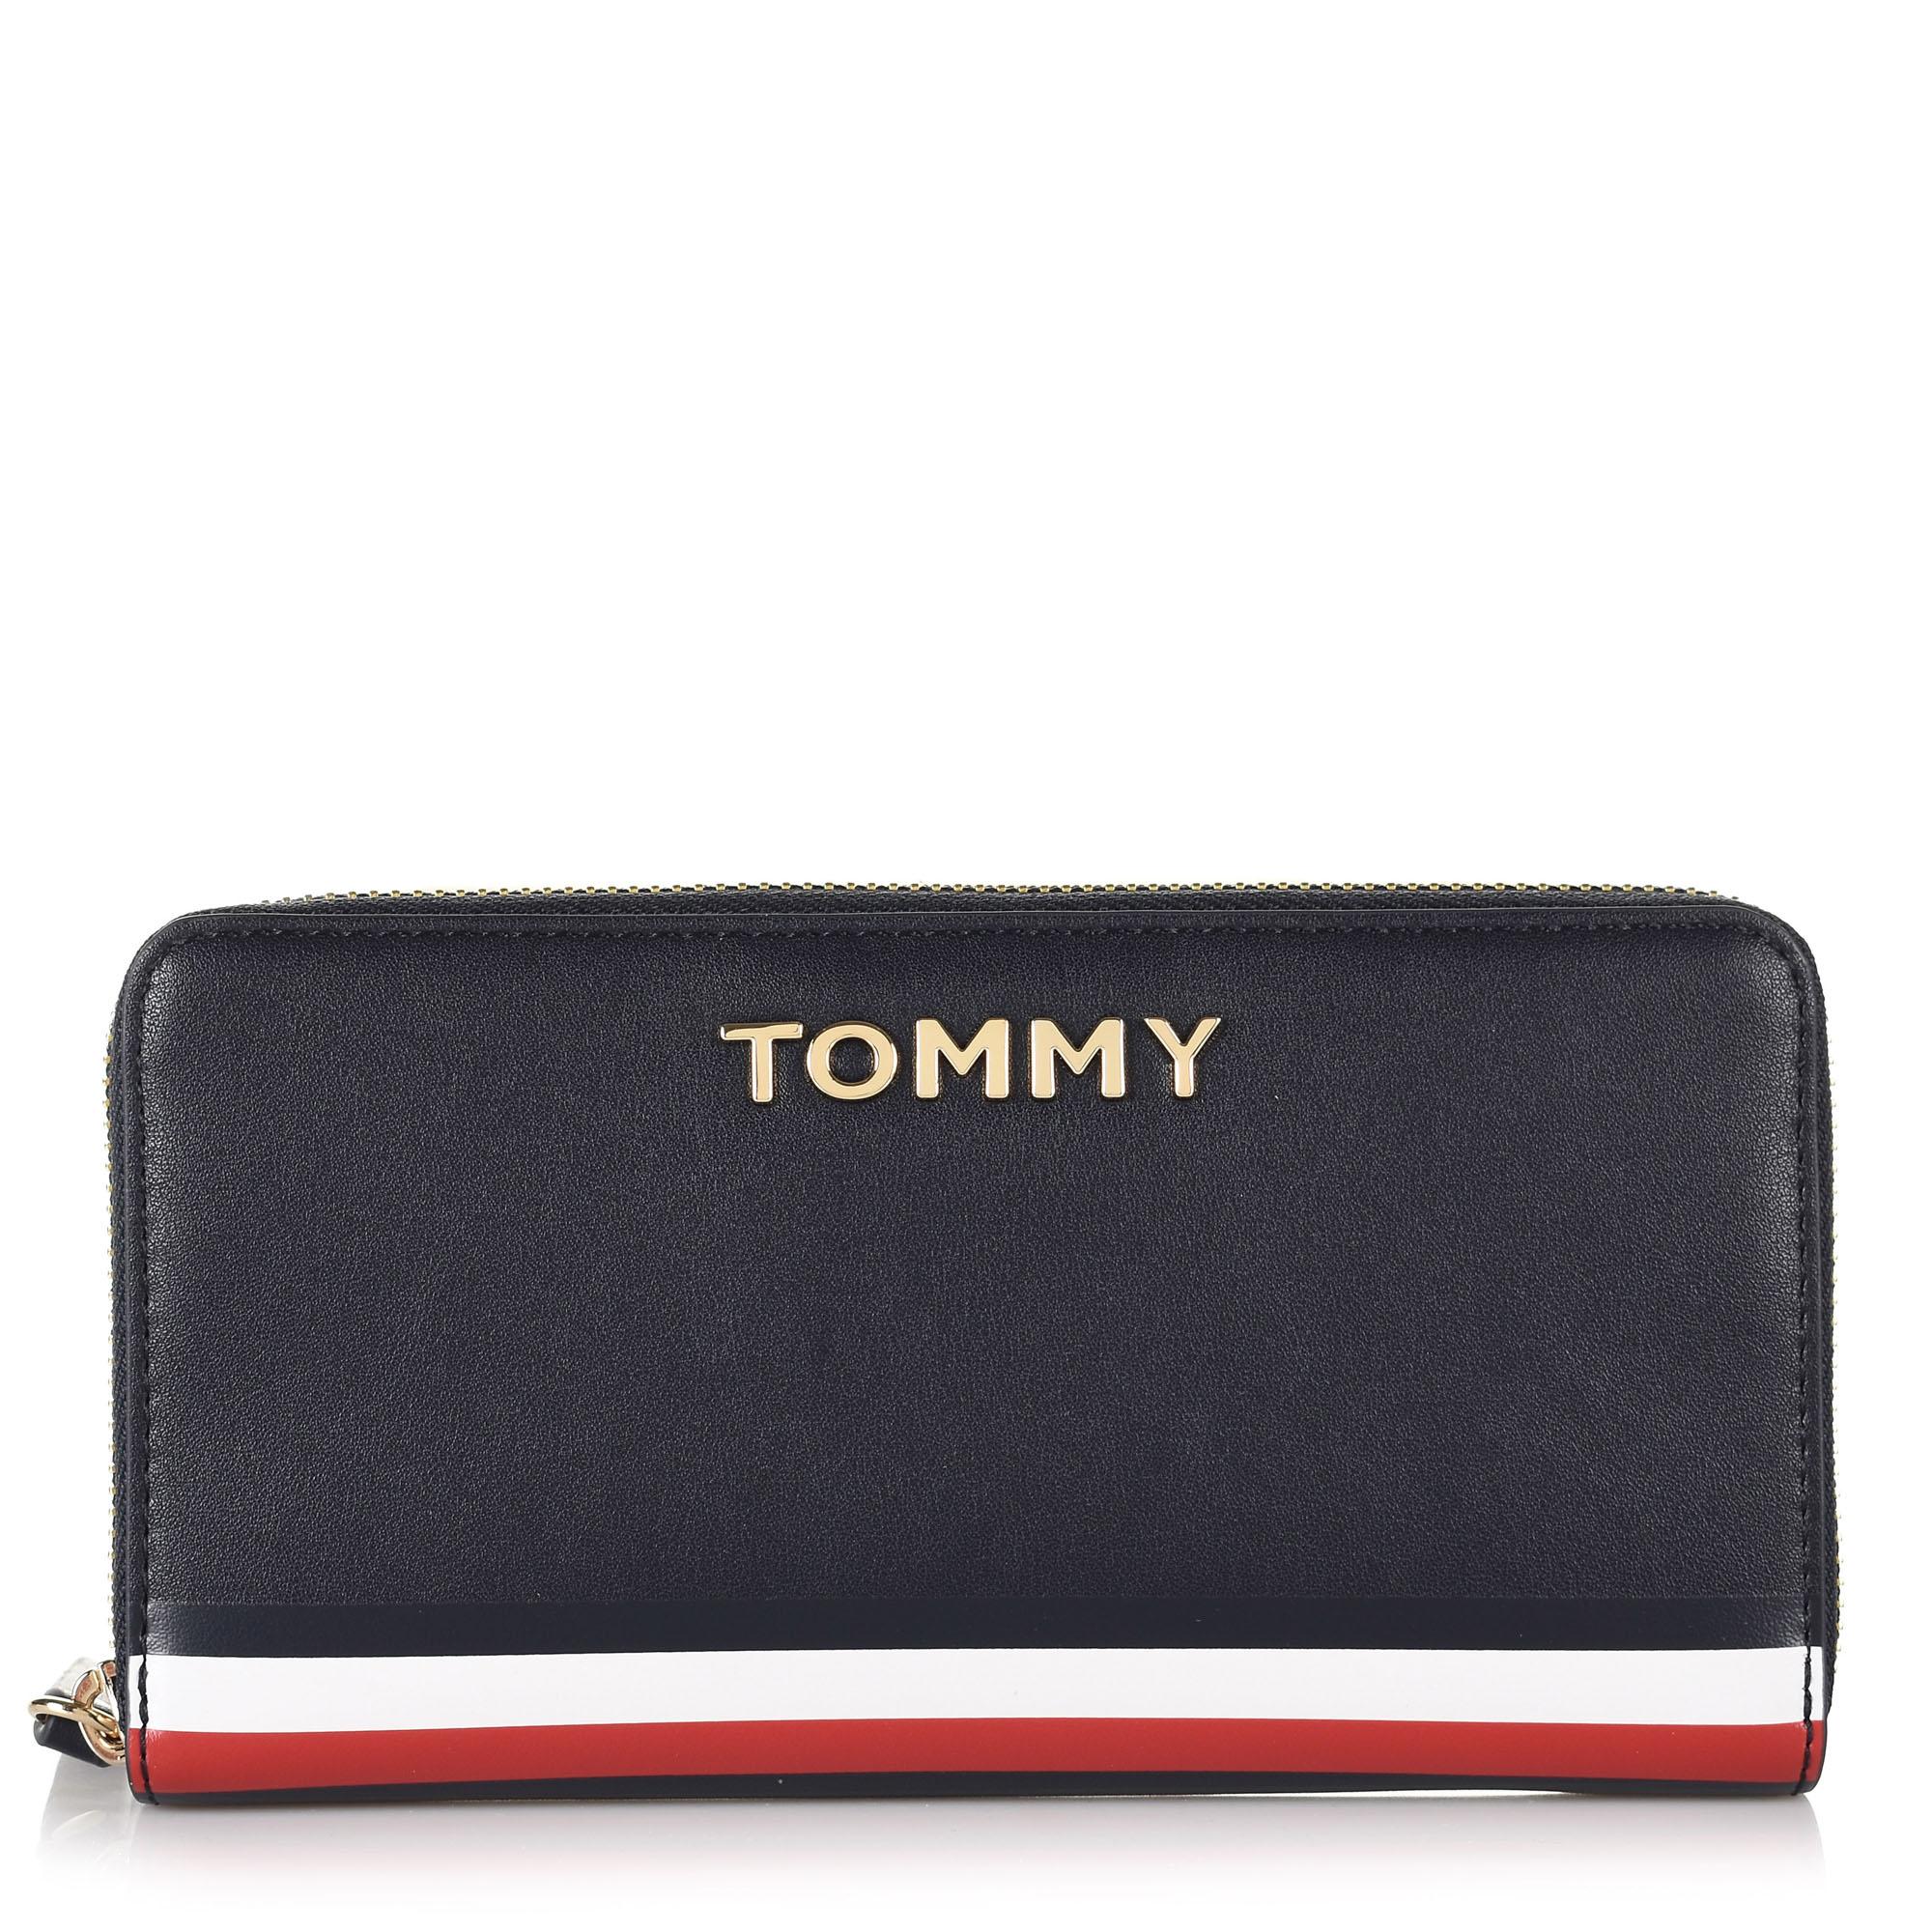 Πορτοφόλι Κασετίνα Tommy Hilfiger Corporate LRG ZA Wallet AW0AW07736